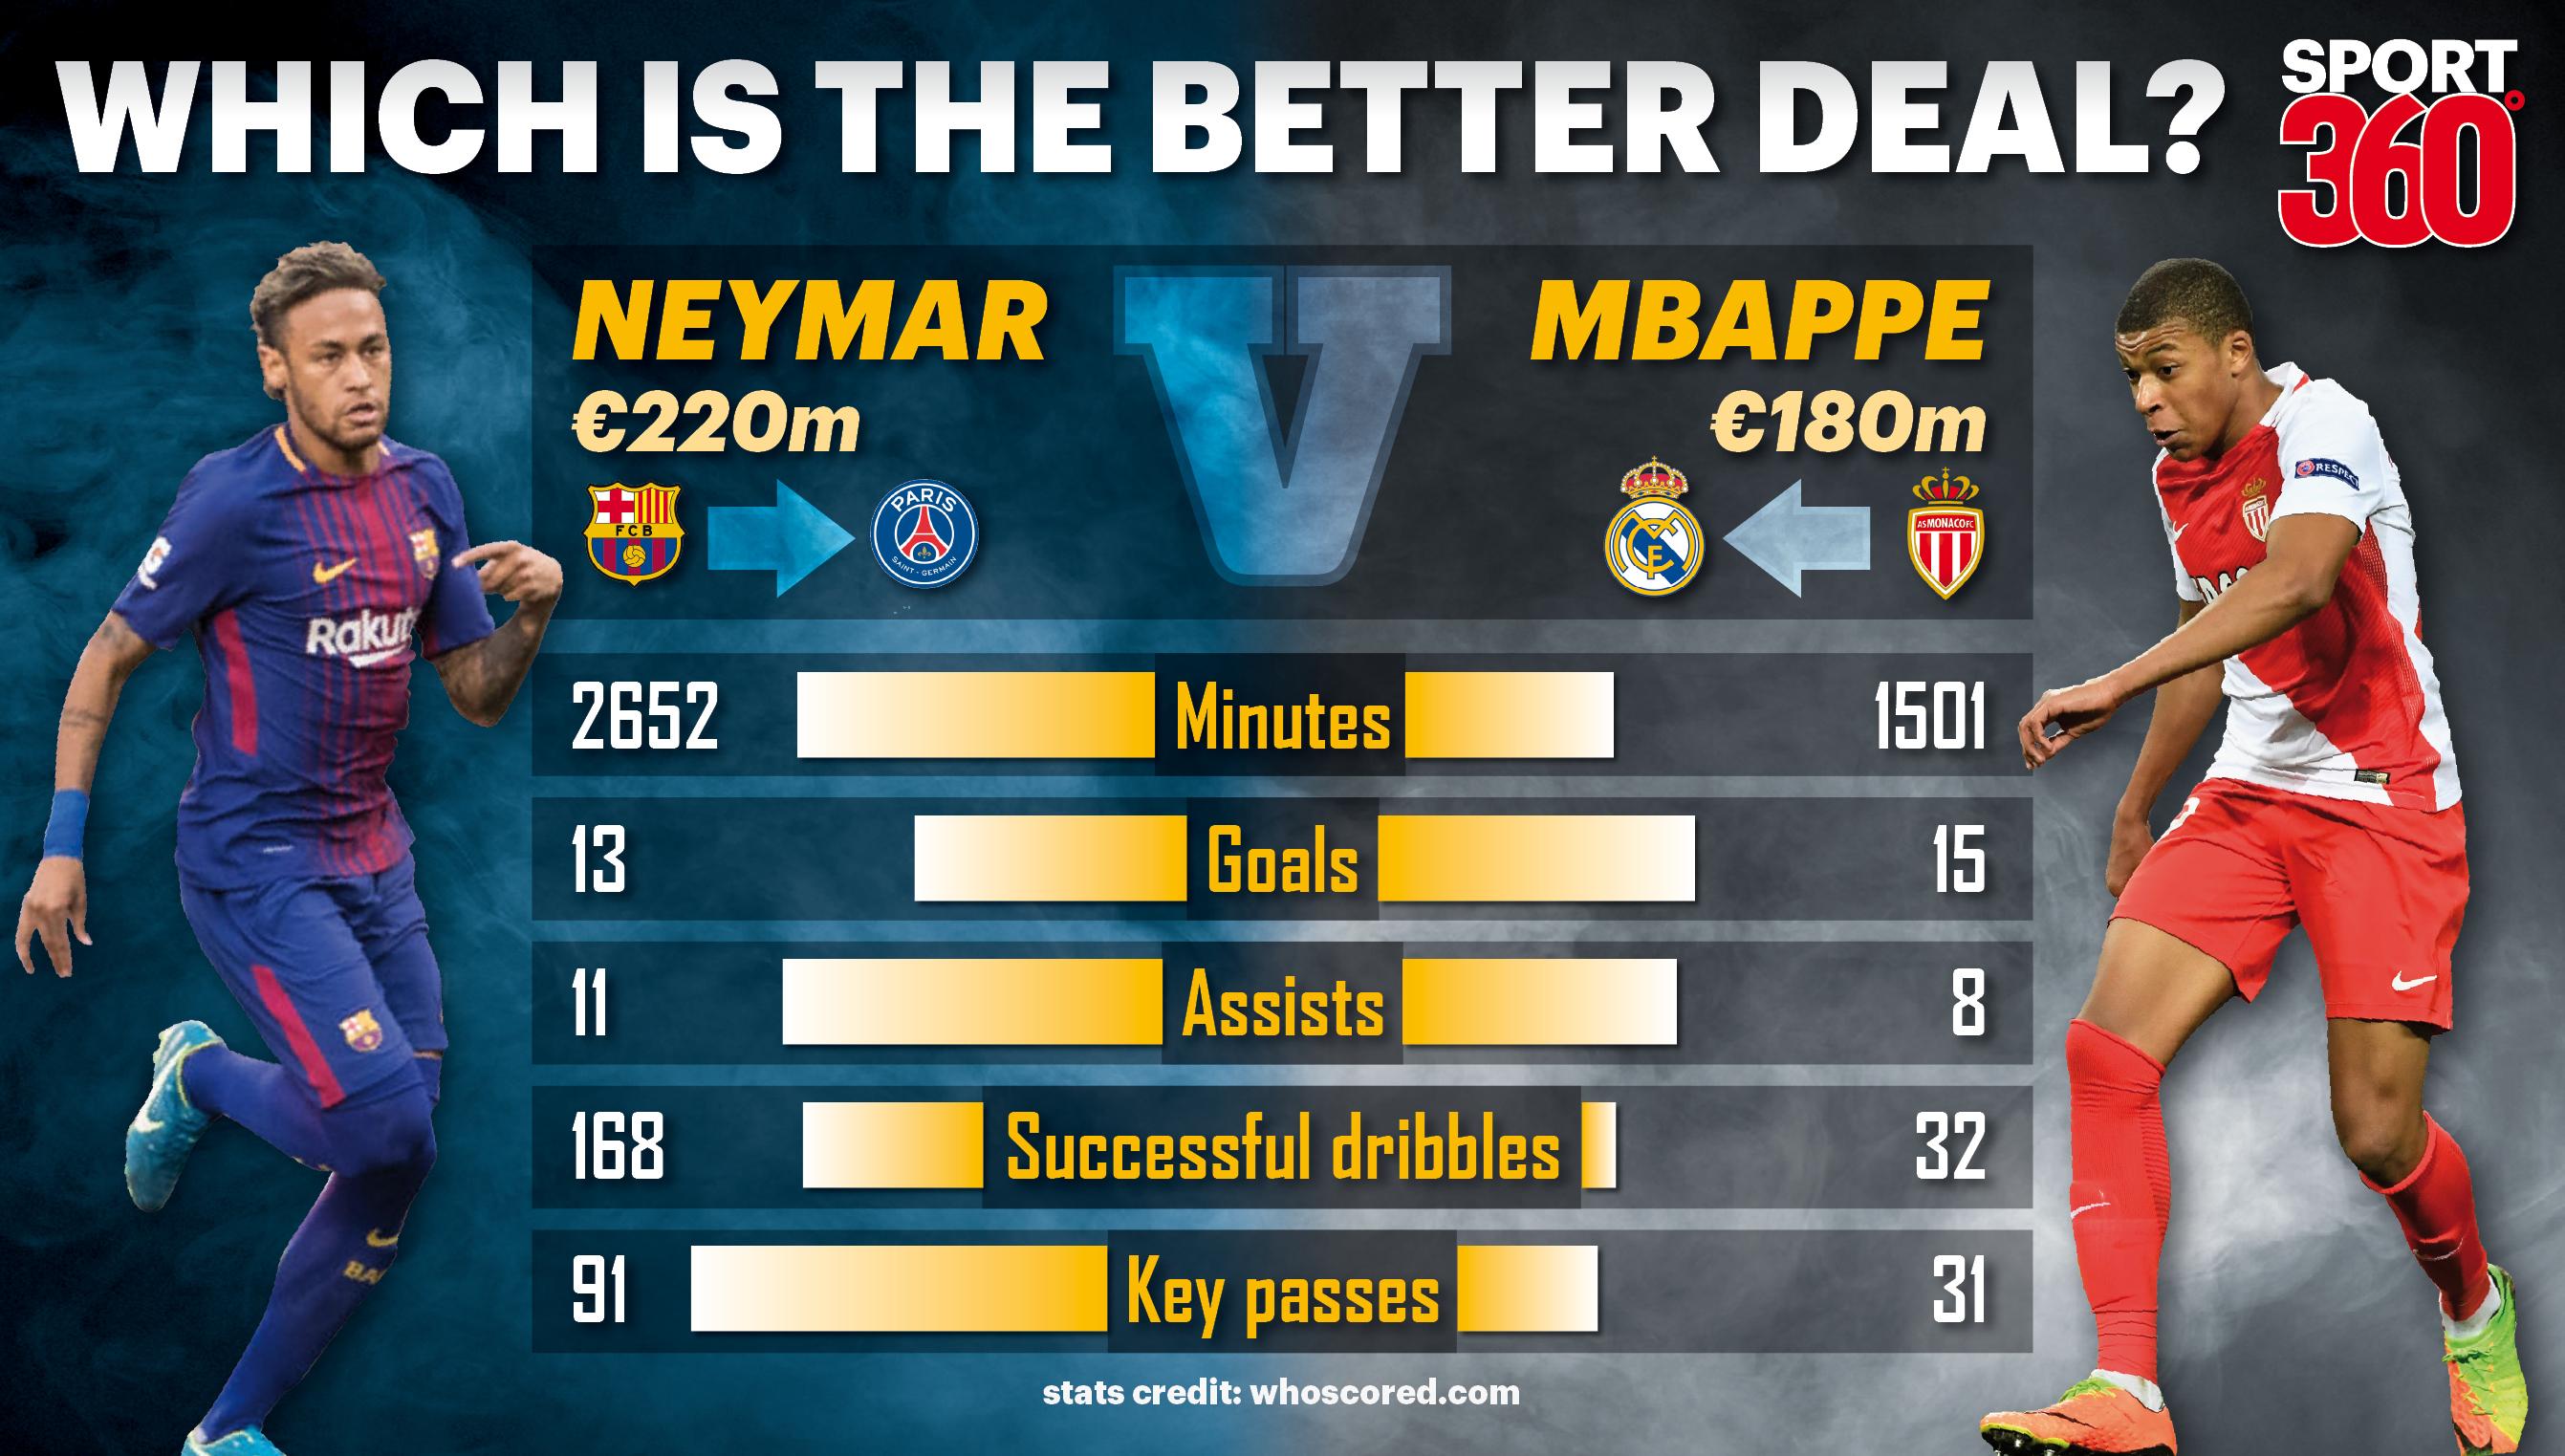 Neymar v Mbappe